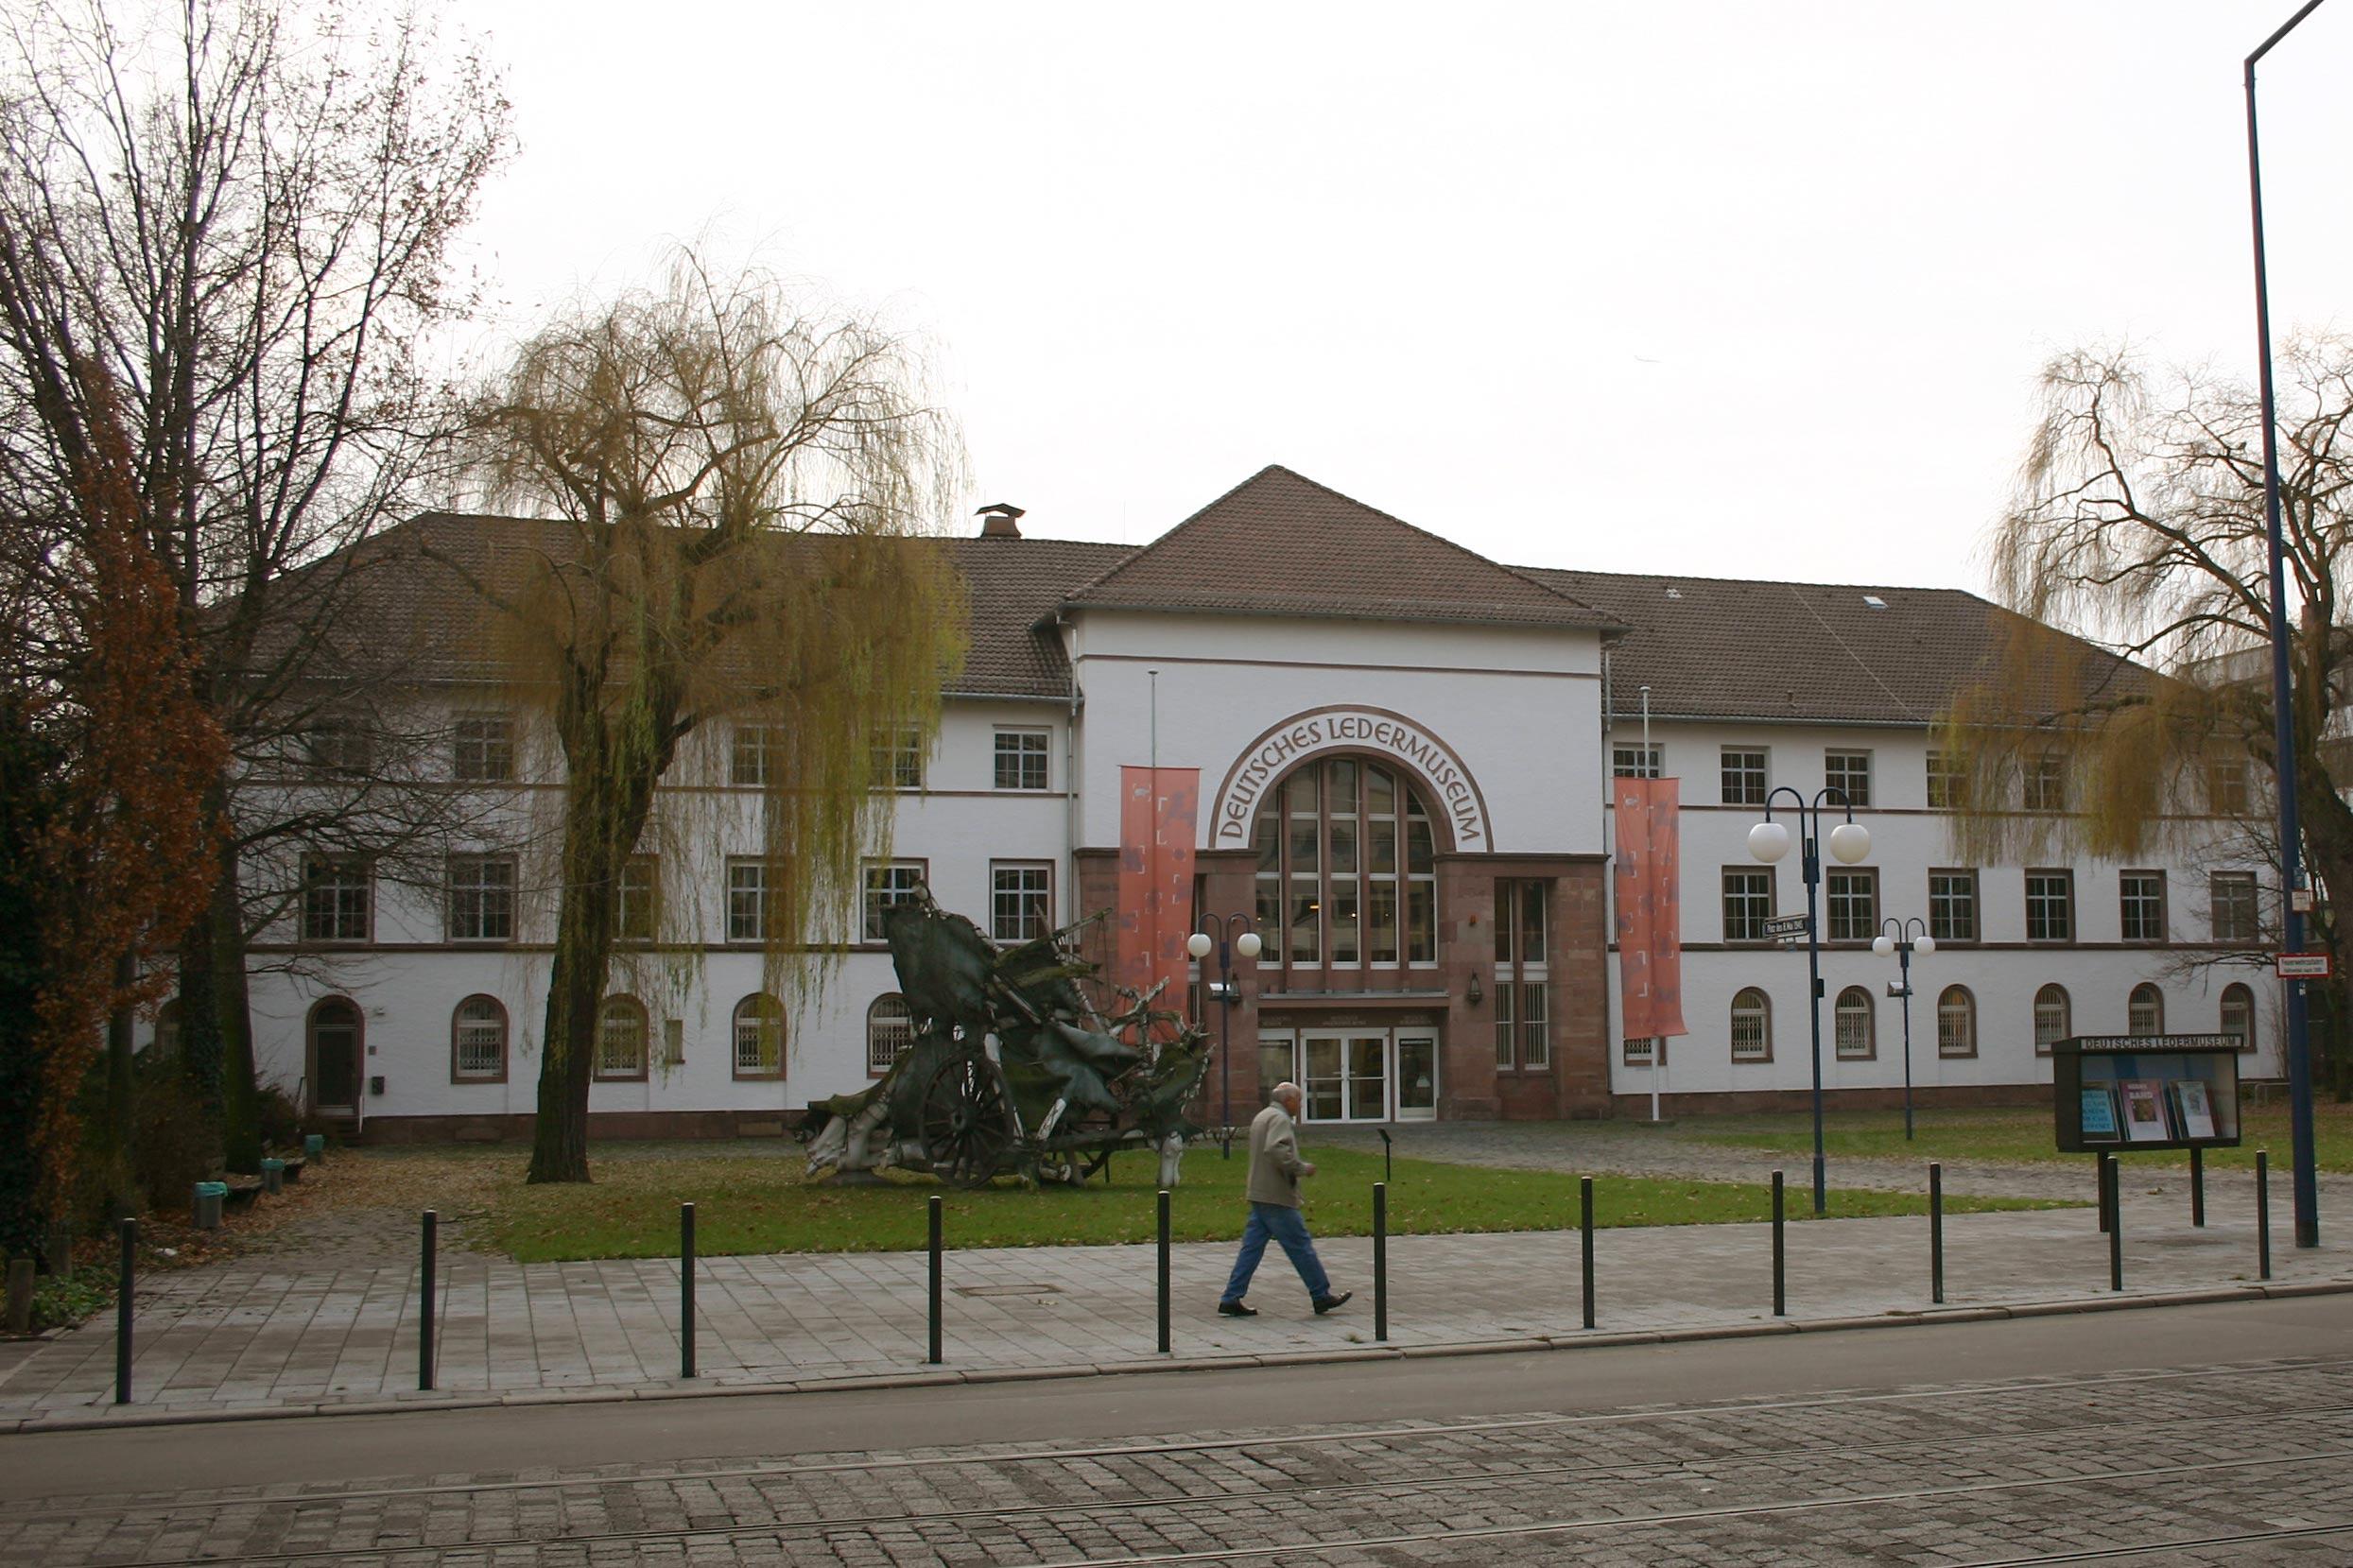 gratis dating seiten Offenbach am Main